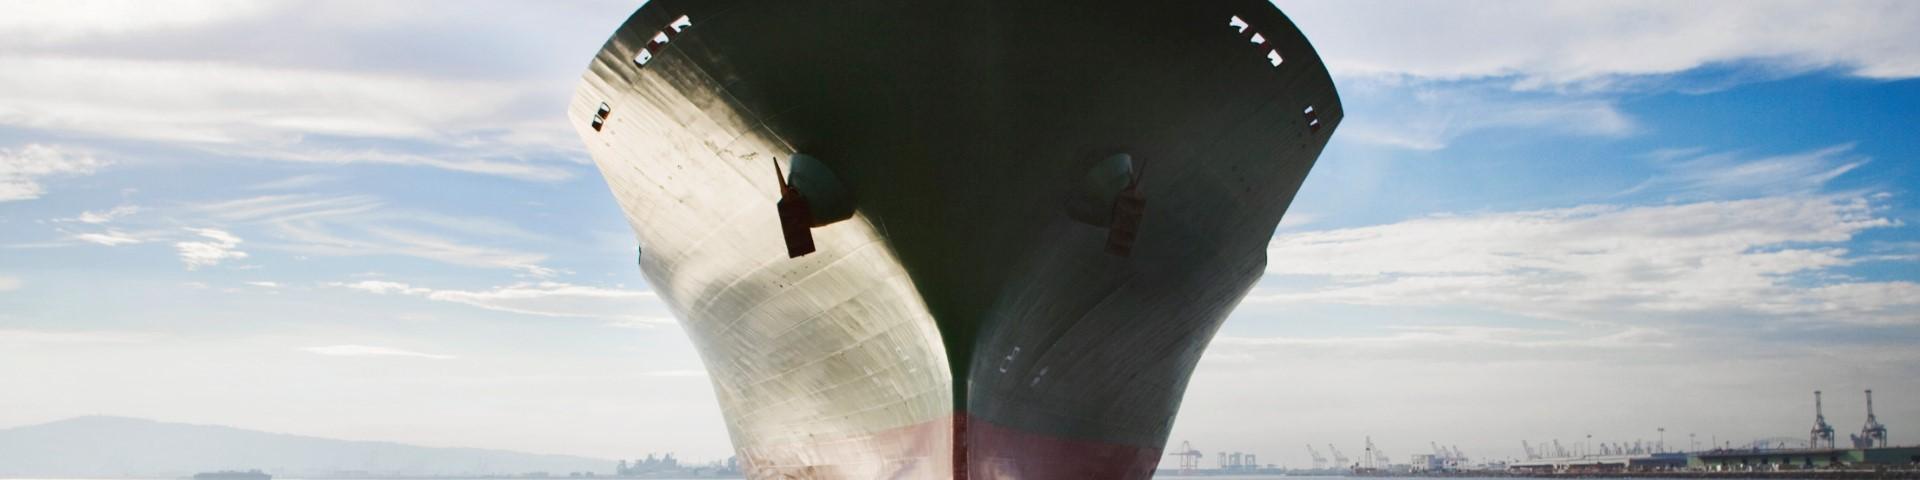 PureBallast-ballastwasserbehandlung-Zulassung